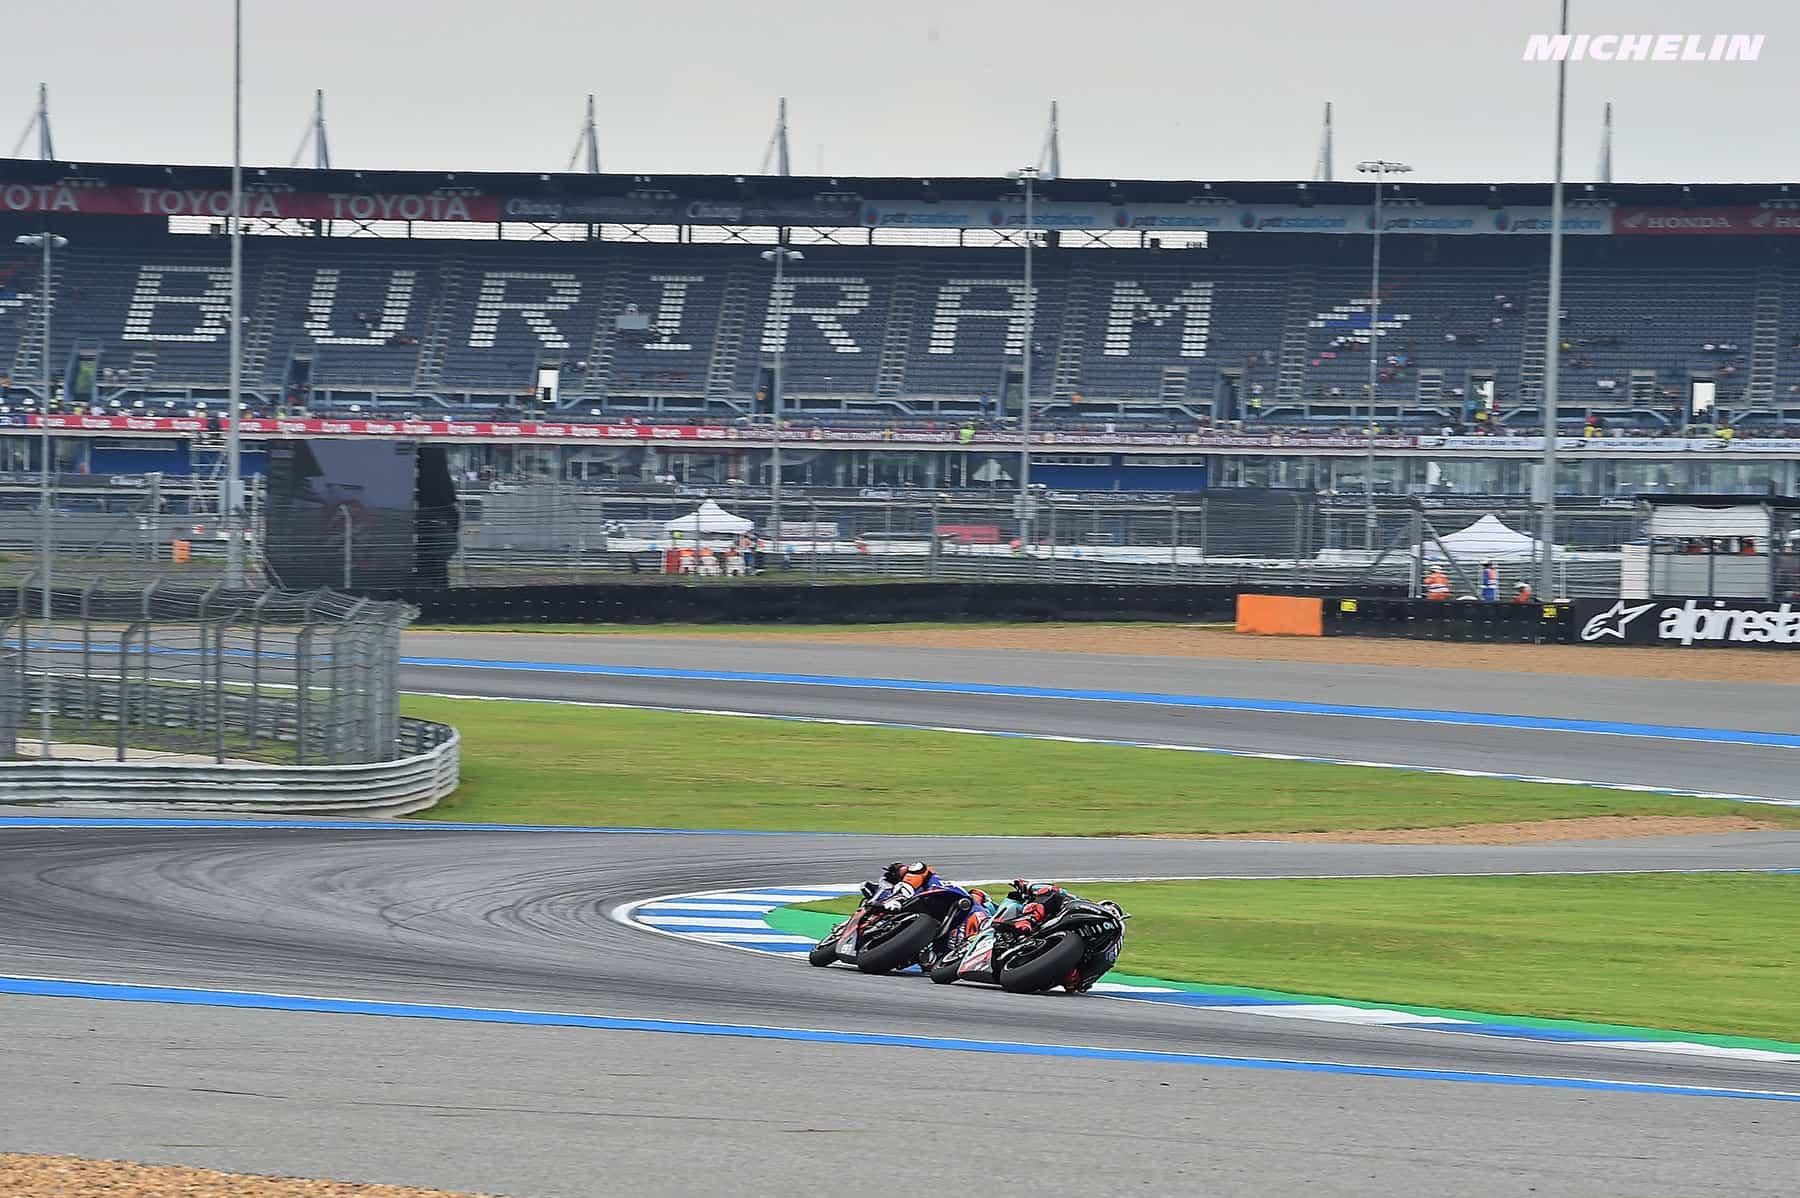 ドルナ・スポーツCEO カルメロ・エスペレーター「アジアでの無観客レースはコスト面で難しい」